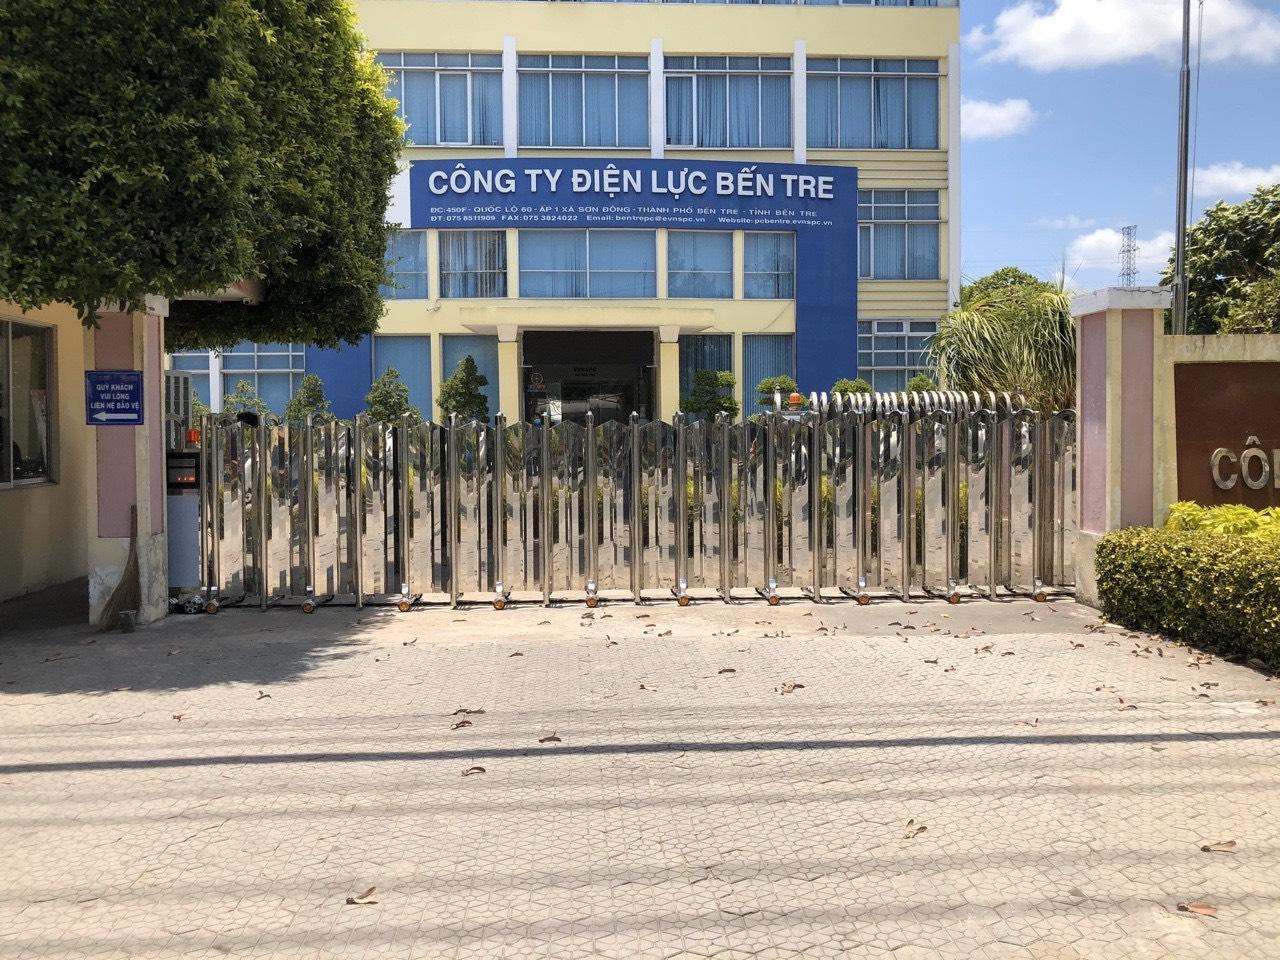 Thi công công trình cổng xếp inox cho công ty điện lực bến tre